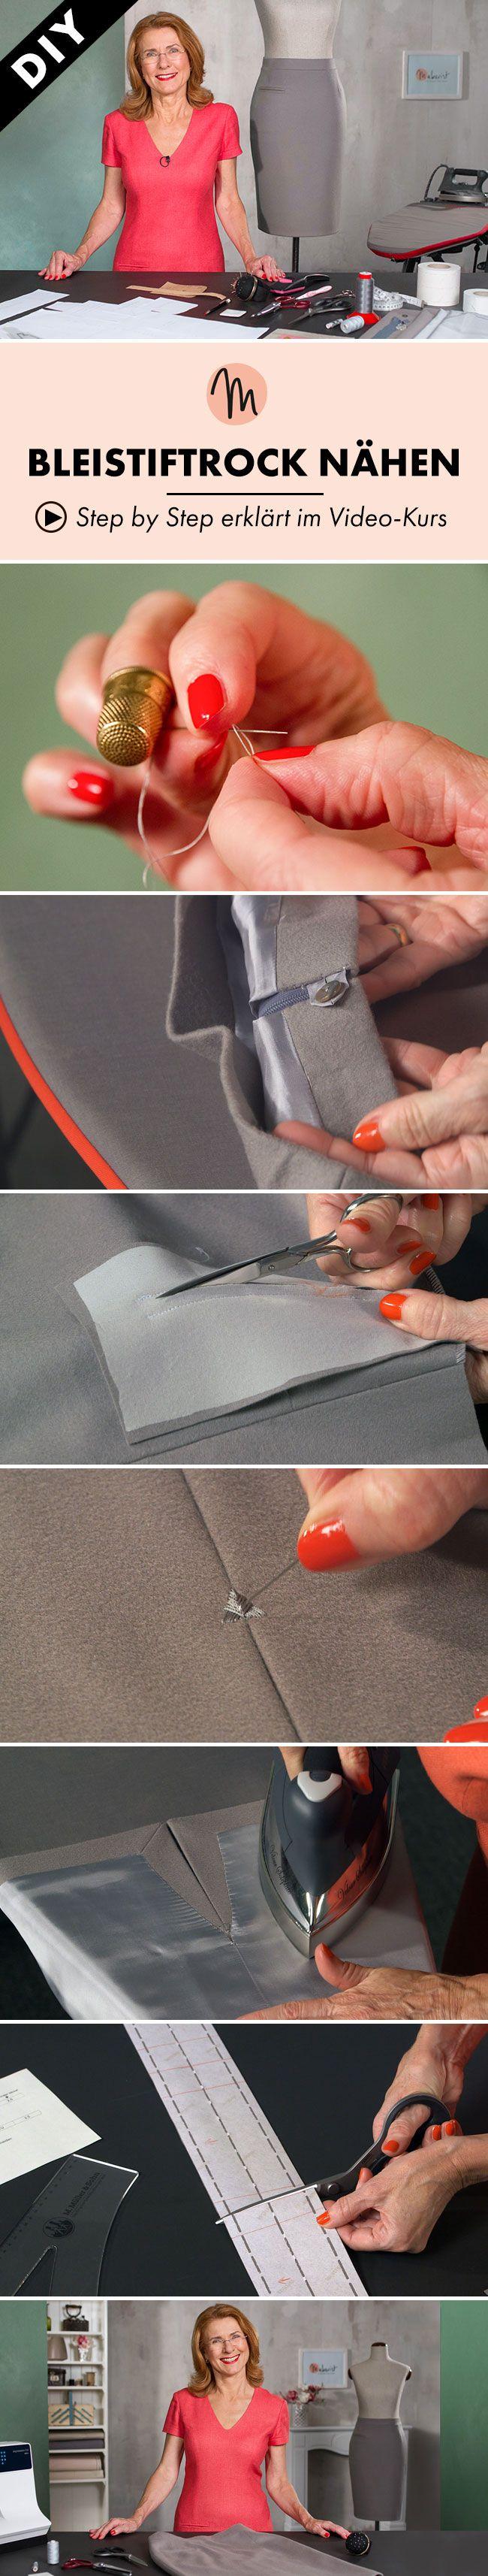 Einen Bleistiftrock nähen mit Inge Szoltysik-Sparrer - Step by Step erklärt im Video-Kurs via Makerist.de